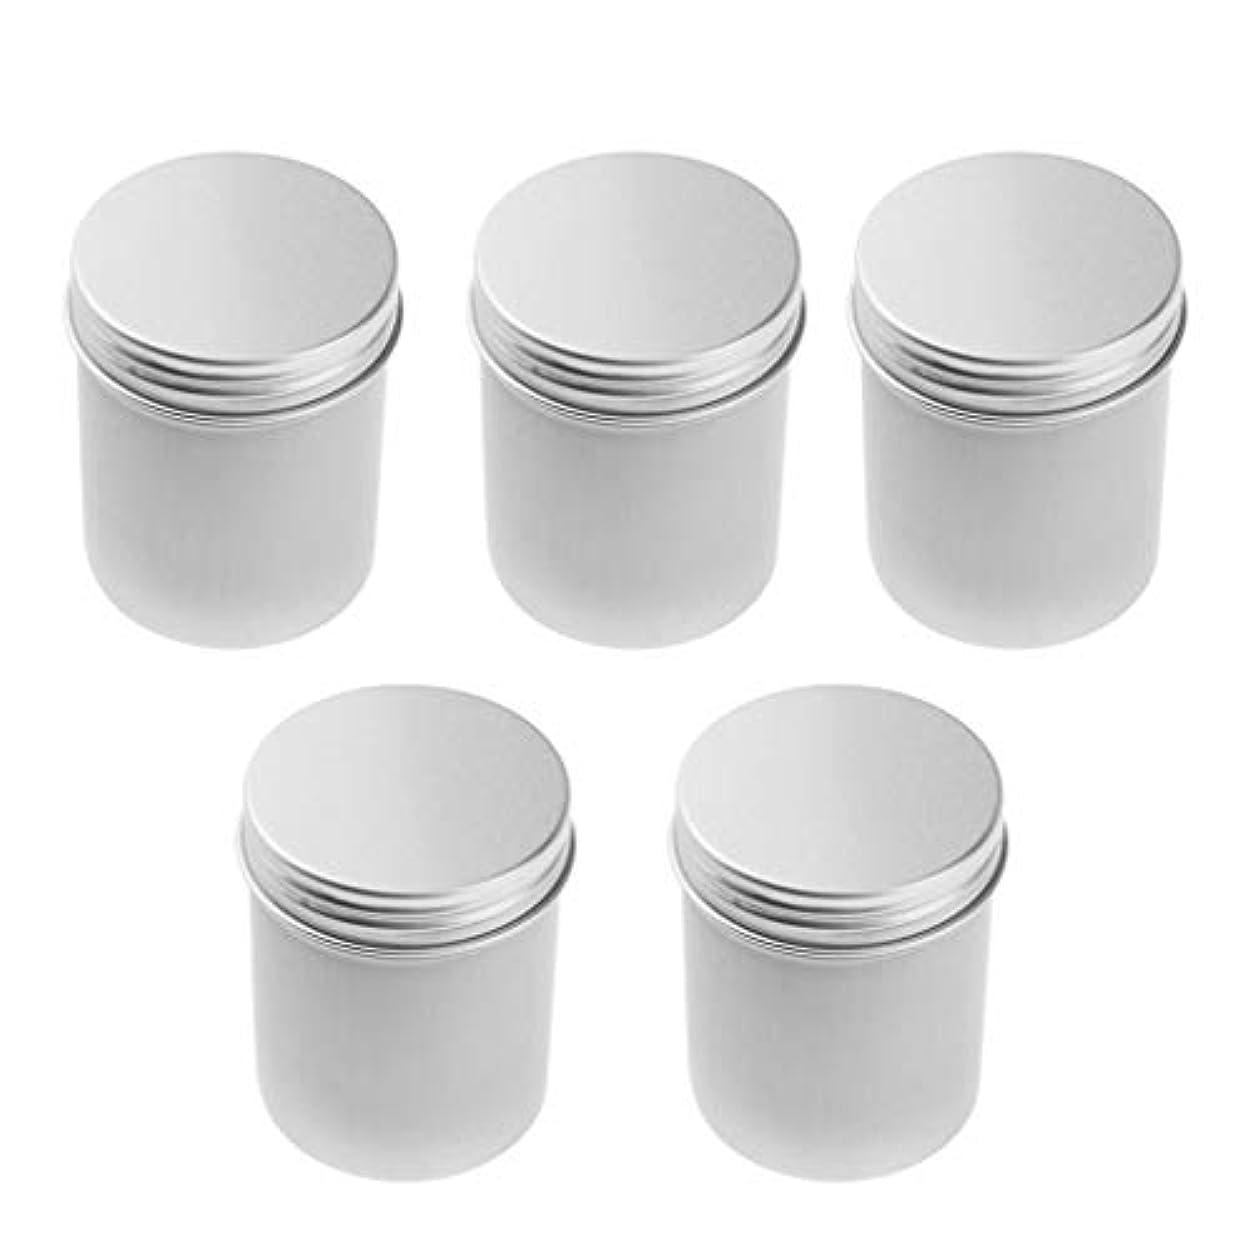 透けて見える成功したマッサージIPOTCH アルミ缶 ポット コスメ 化粧品 詰替え容器 缶 ネジ蓋 高級アルミ製 5本 80ミリリットル 汎用